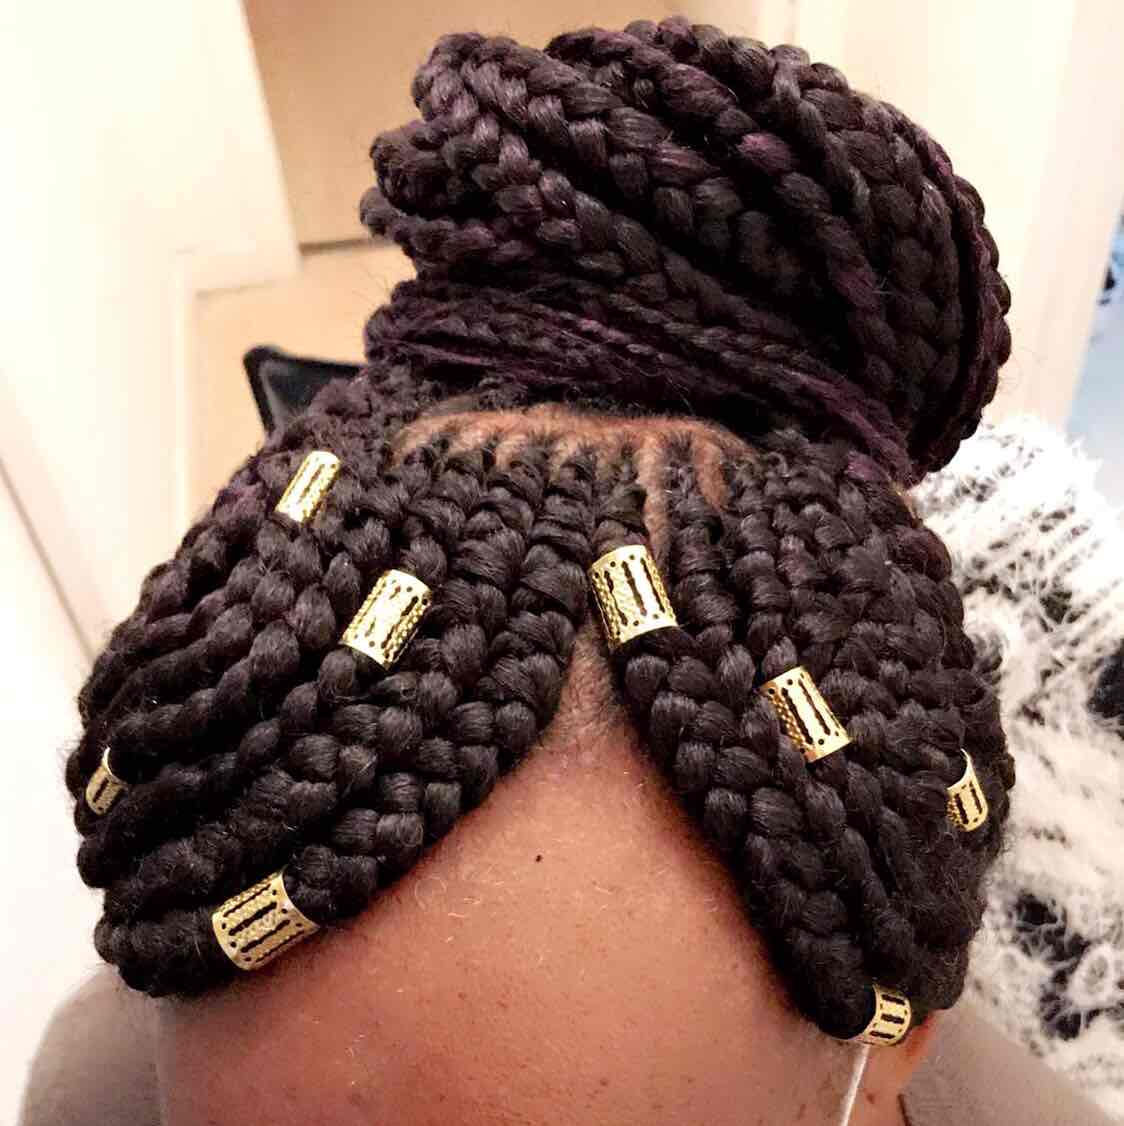 salon de coiffure afro tresse tresses box braids crochet braids vanilles tissages paris 75 77 78 91 92 93 94 95 RUQJBRGC